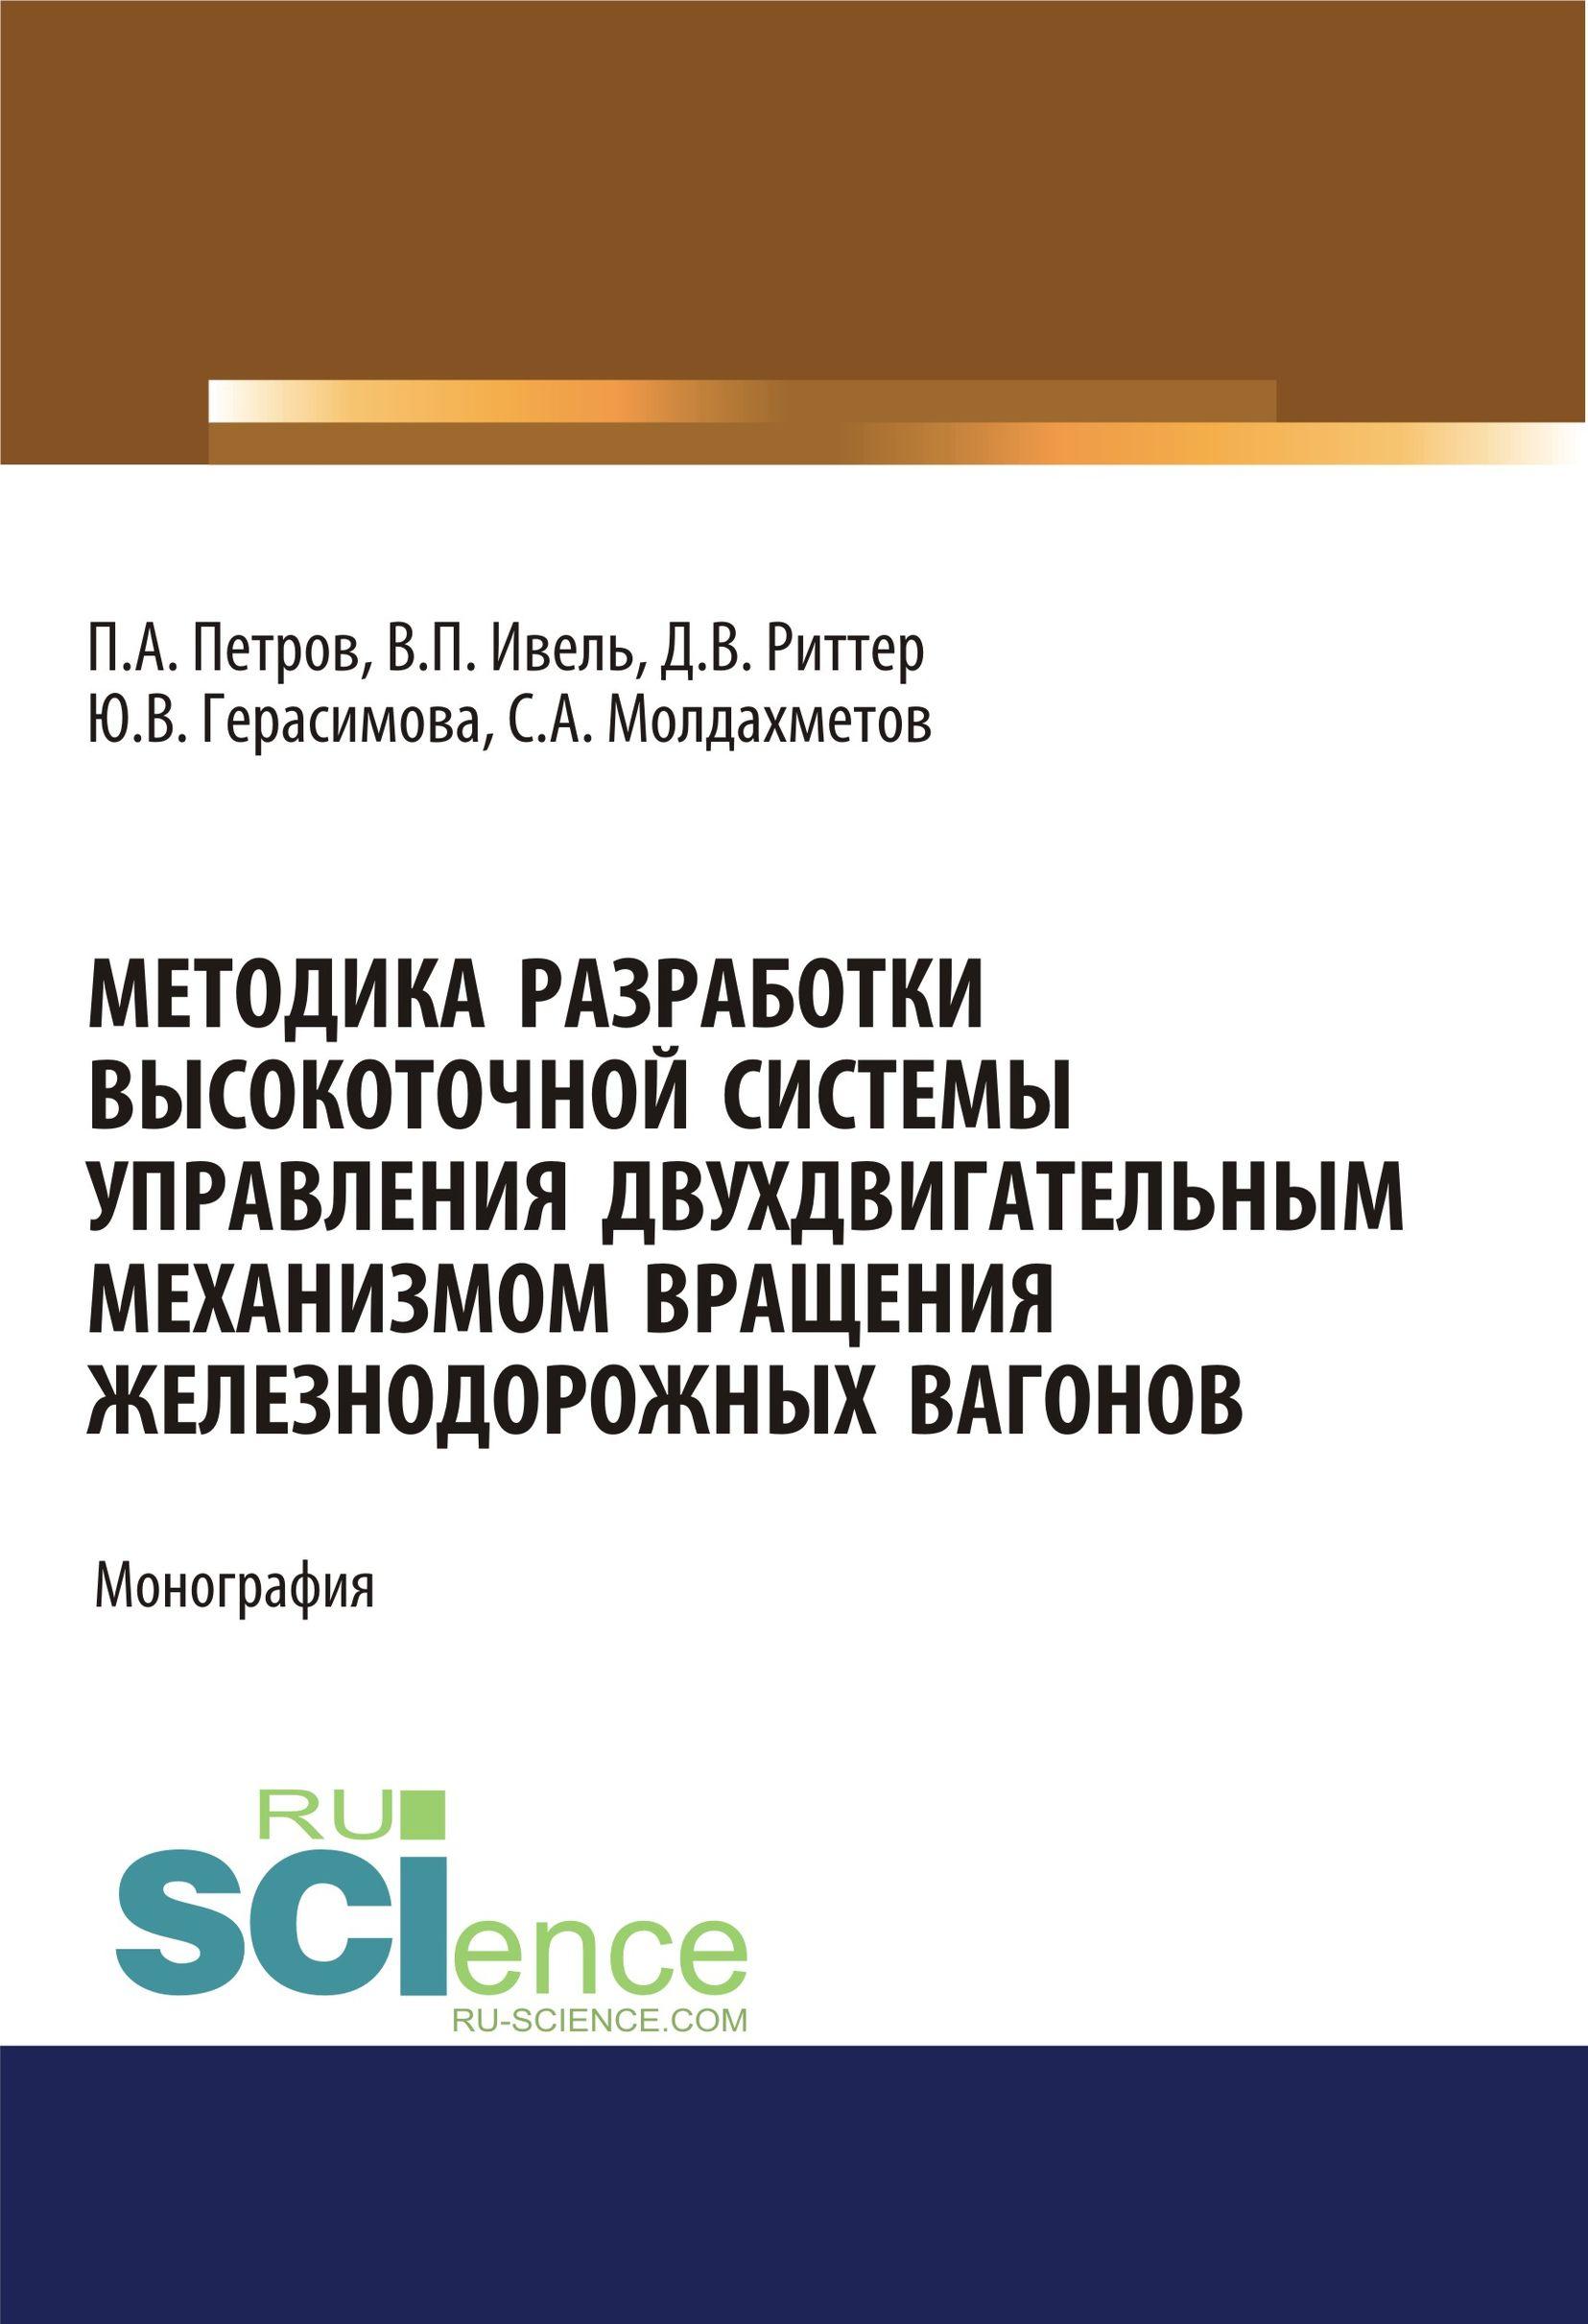 П. А. Петров Методика разработки высокоточной системы управления двухдвигательным механизмом вращения железнодорожных вагонов